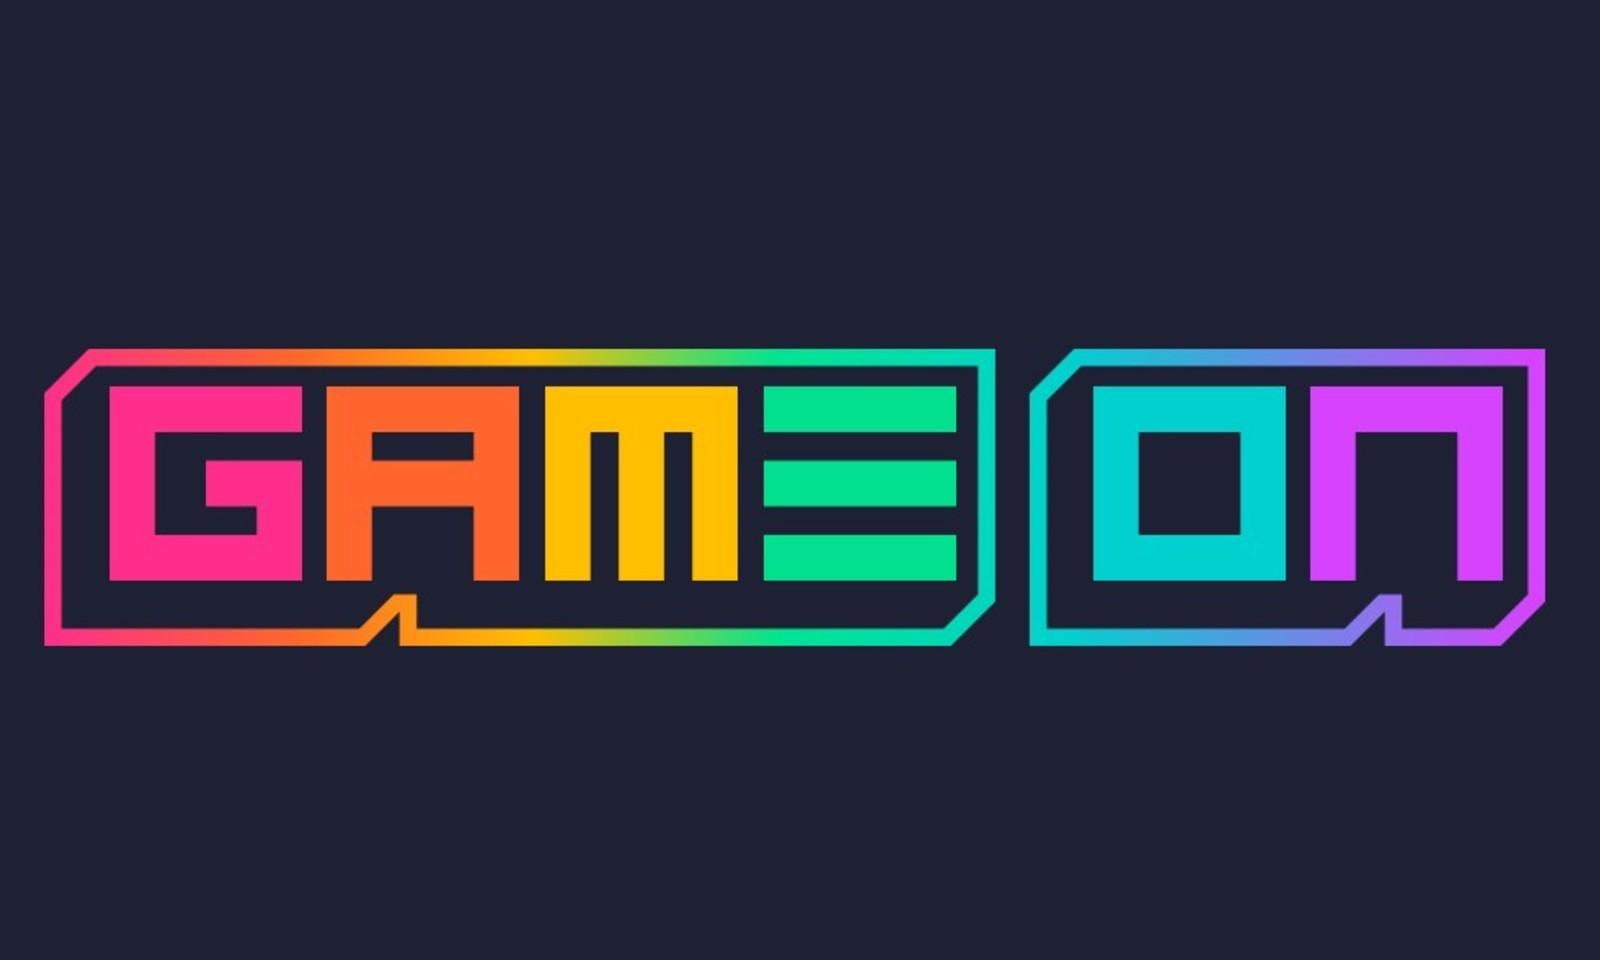 亚马逊游戏录影 App 登陆 iOS 平台